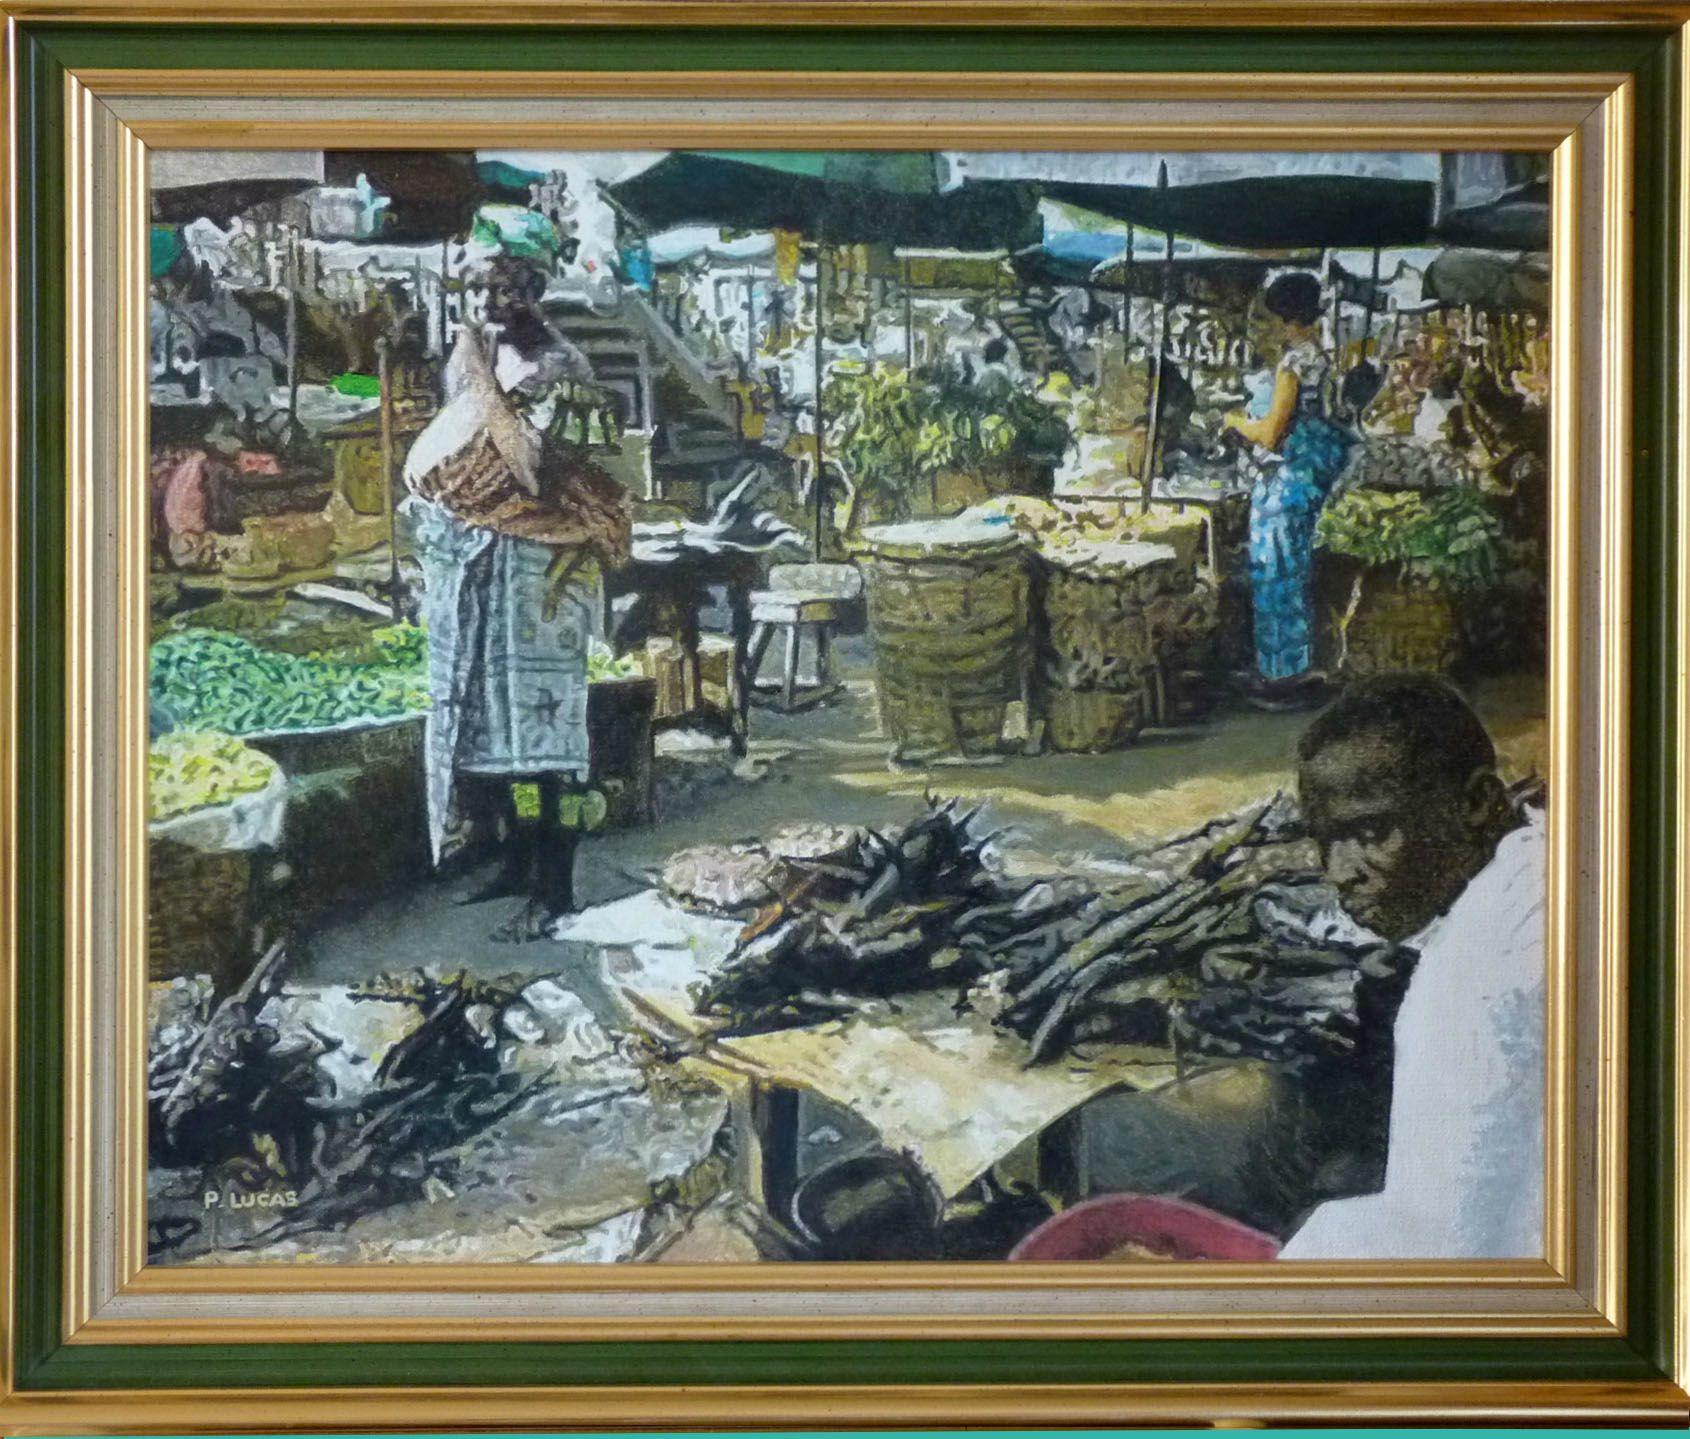 Le marché africain de P. Lucas